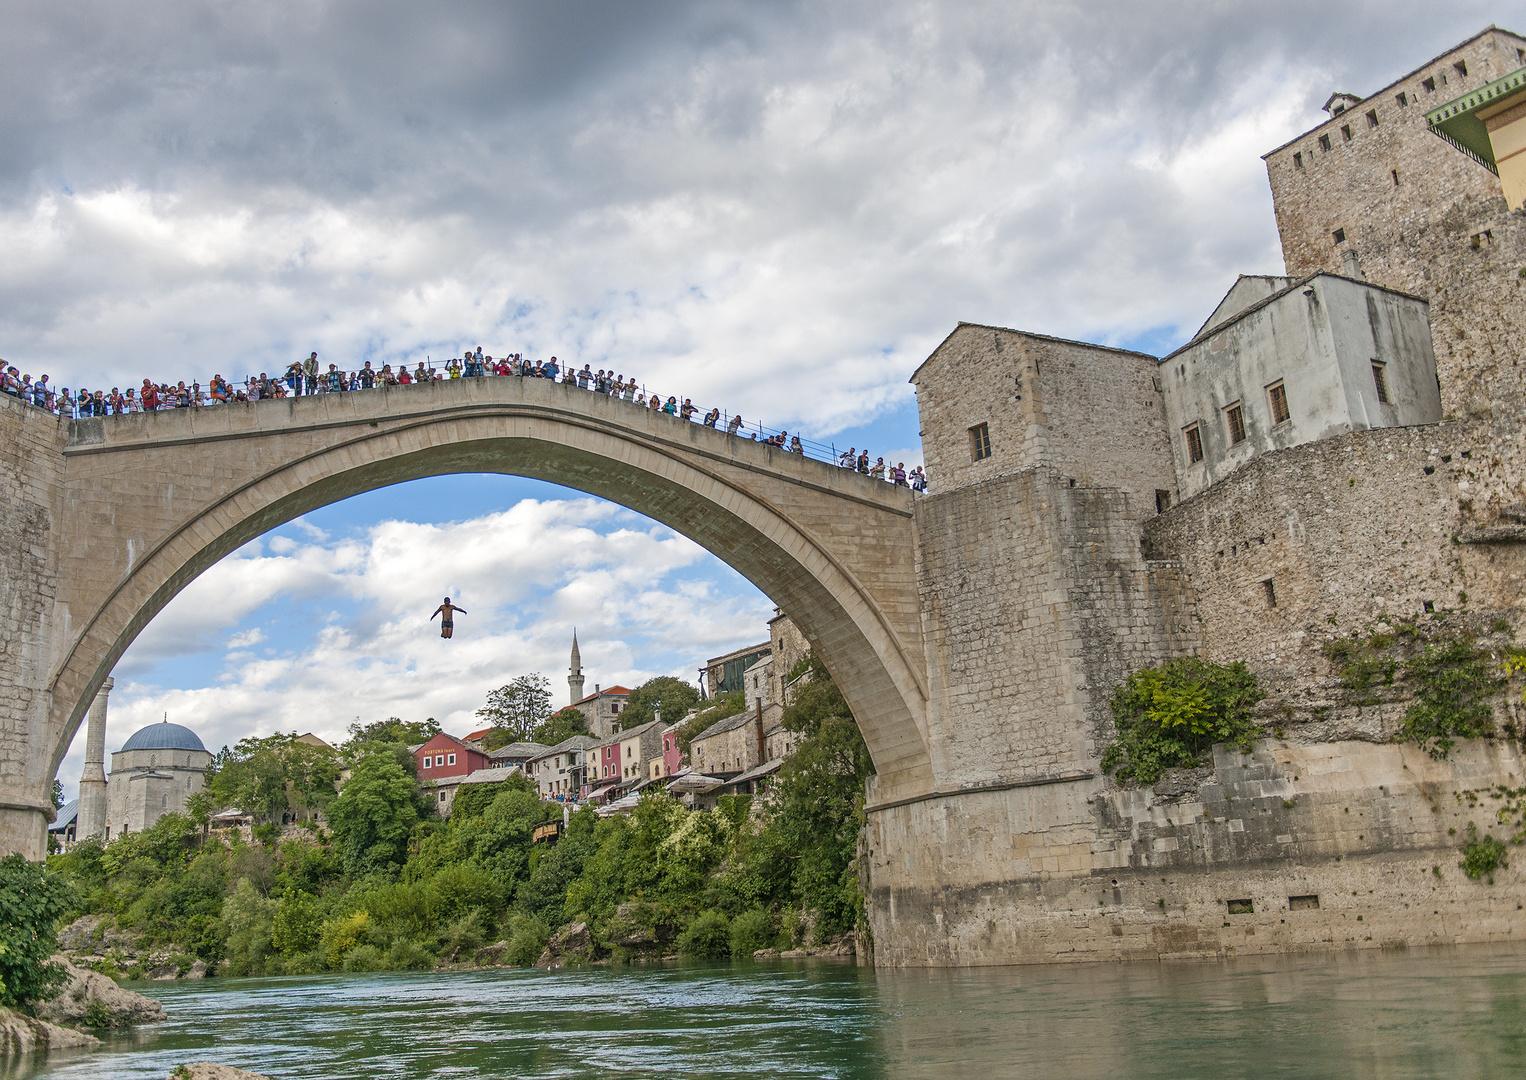 Brückenspringer in Mostar